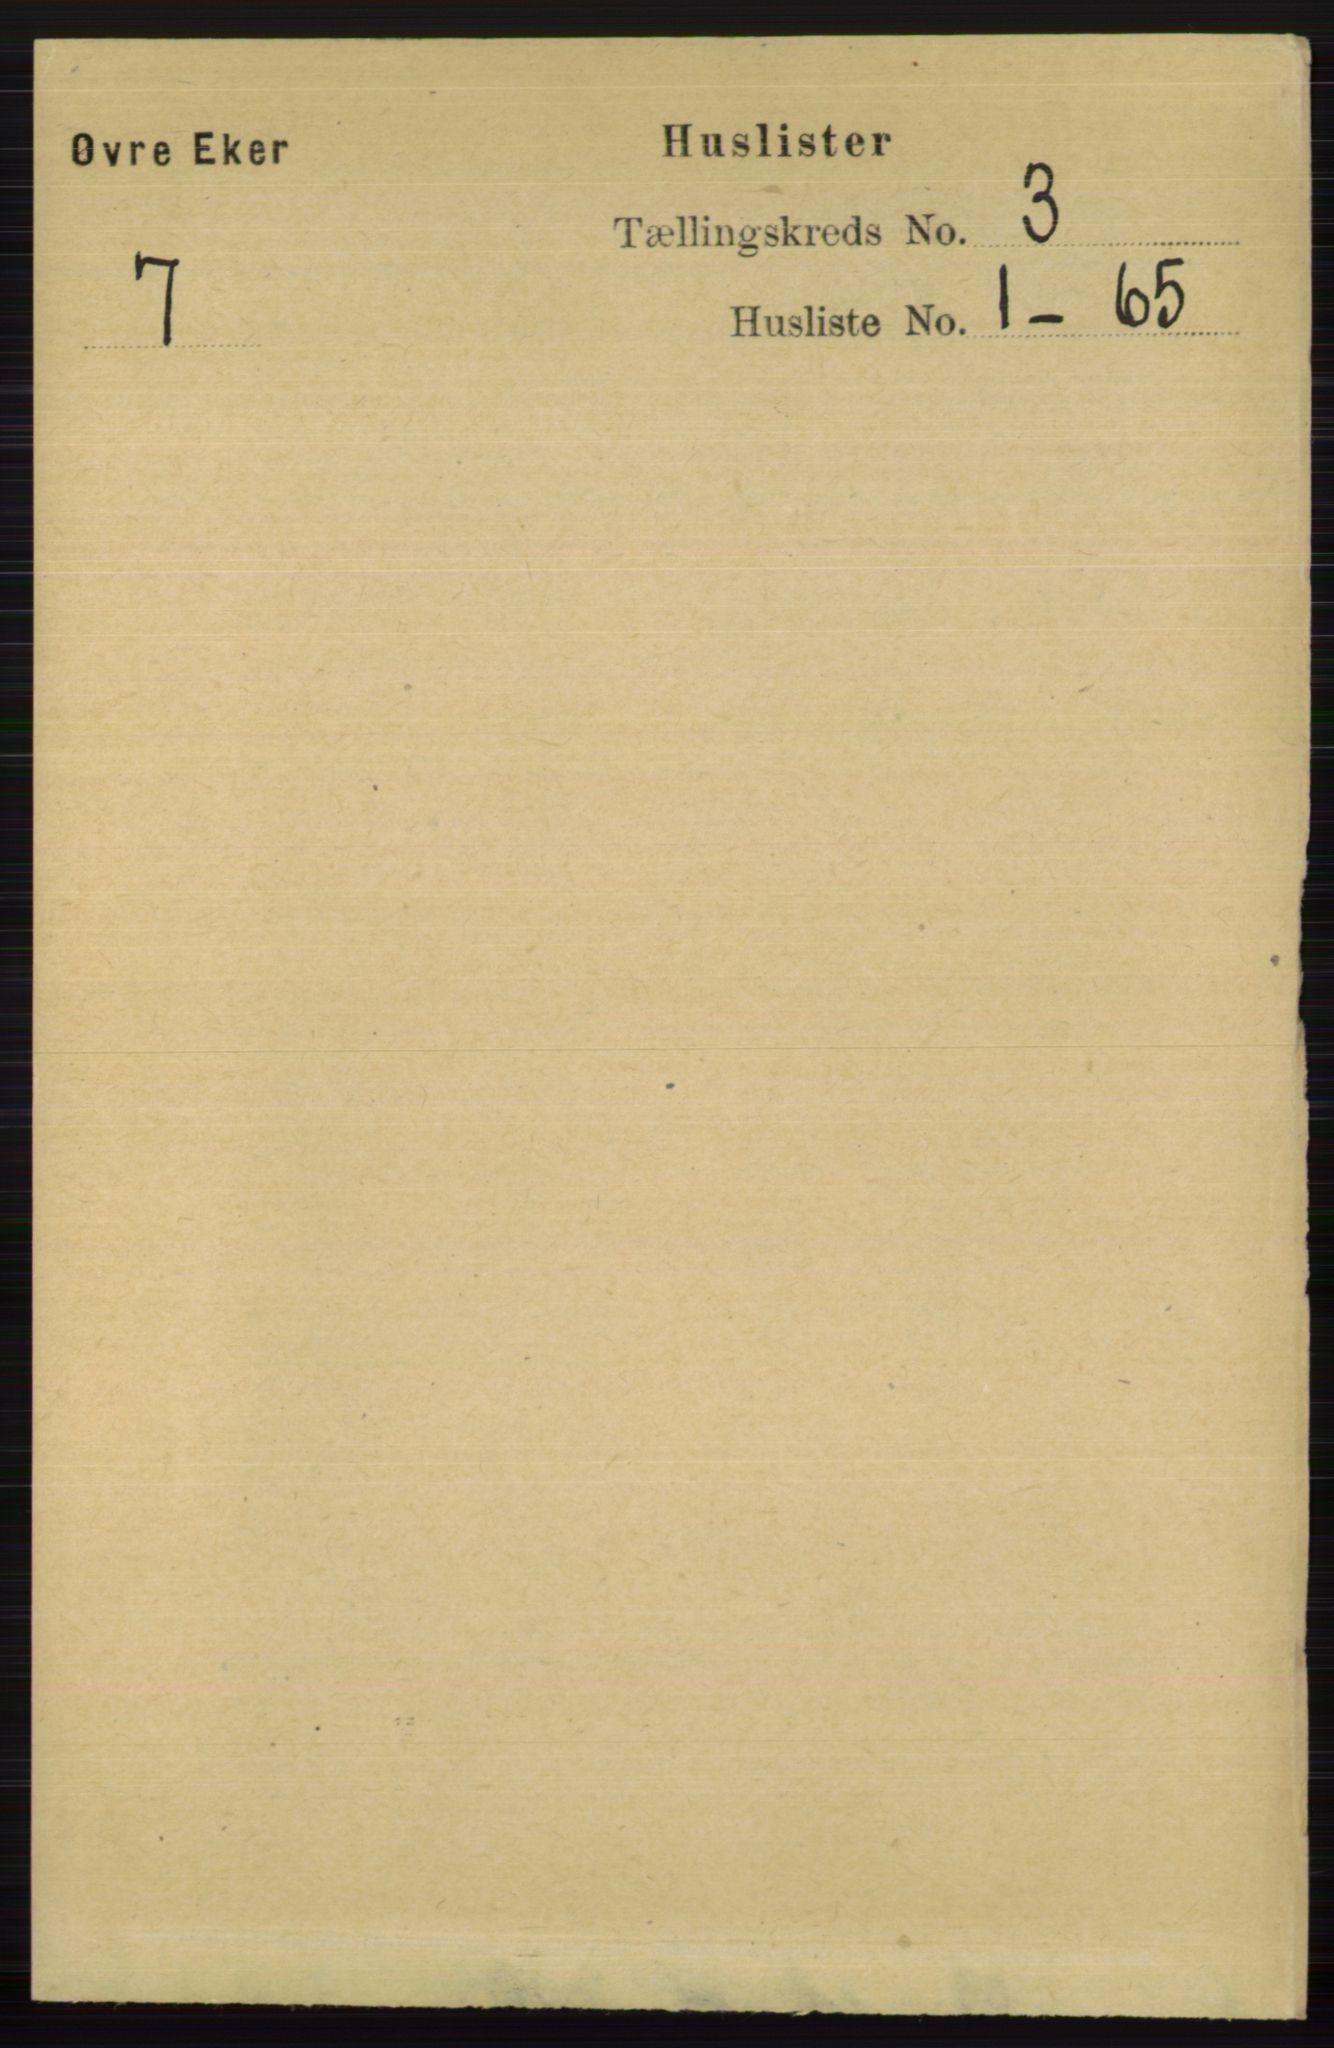 RA, Folketelling 1891 for 0624 Øvre Eiker herred, 1891, s. 922